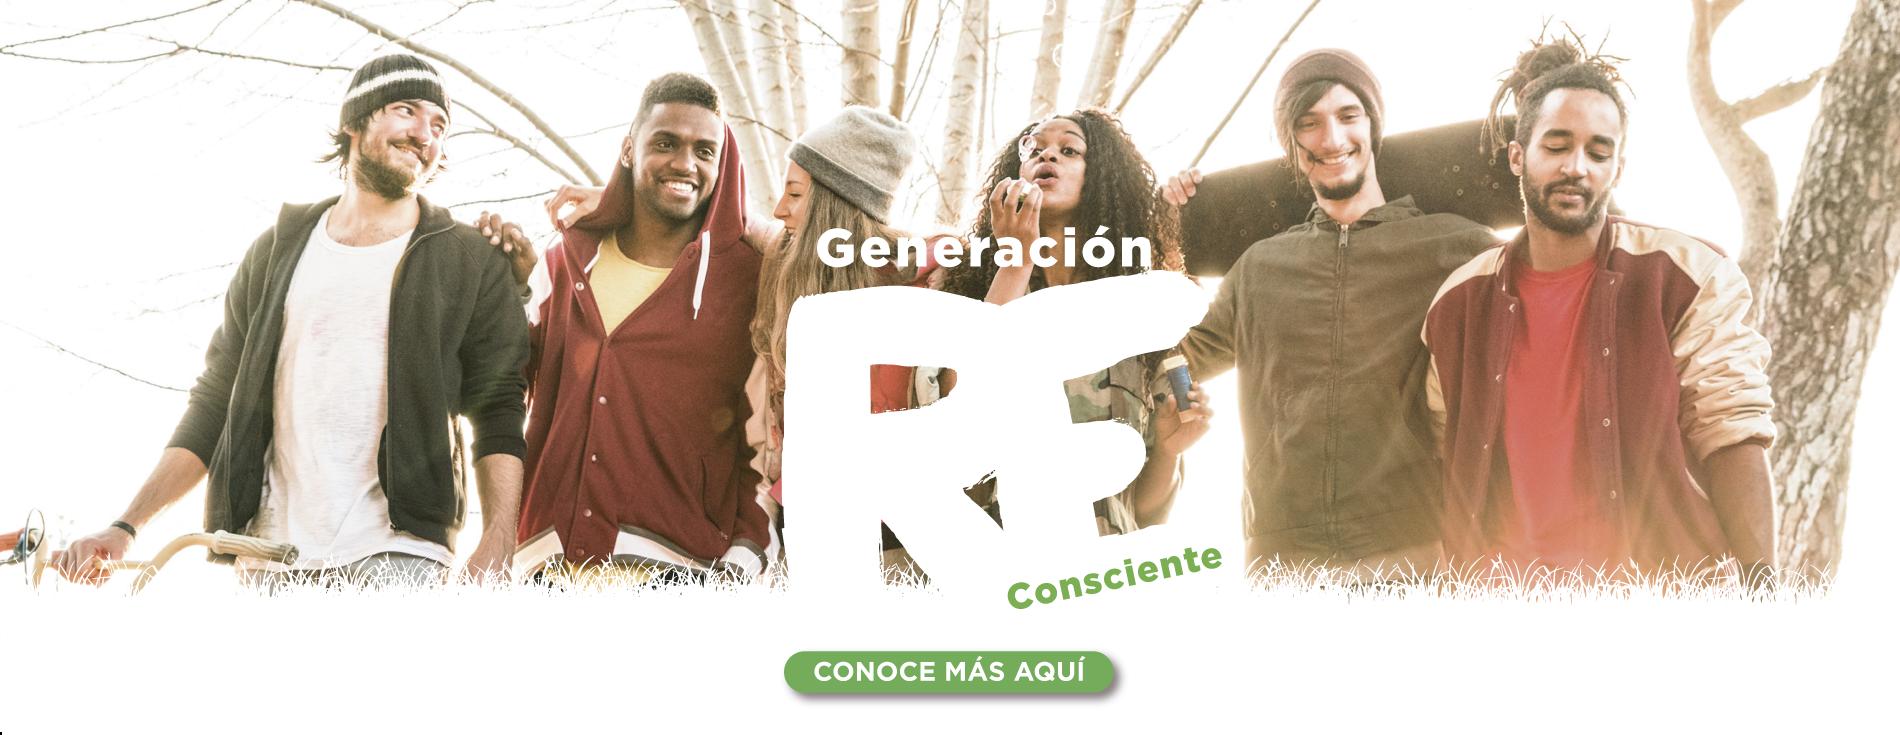 Generación Re - Envigado